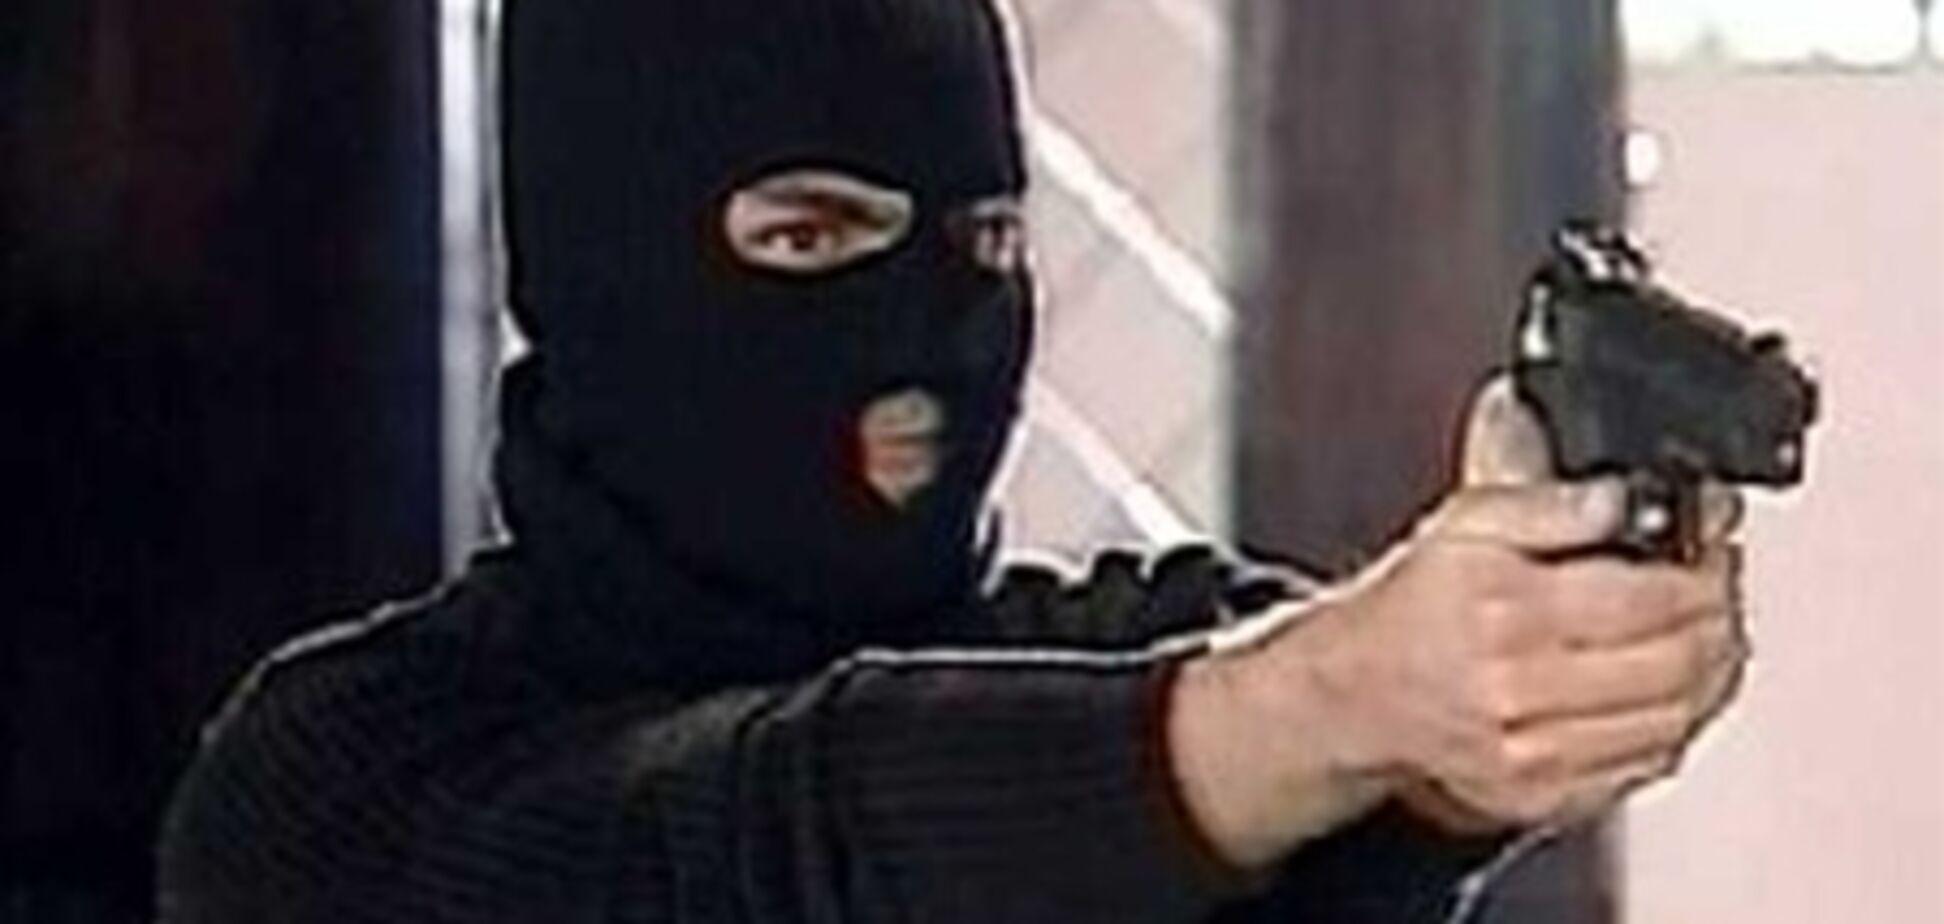 У Вінниці студент пограбував банк з іграшковим пістолетом